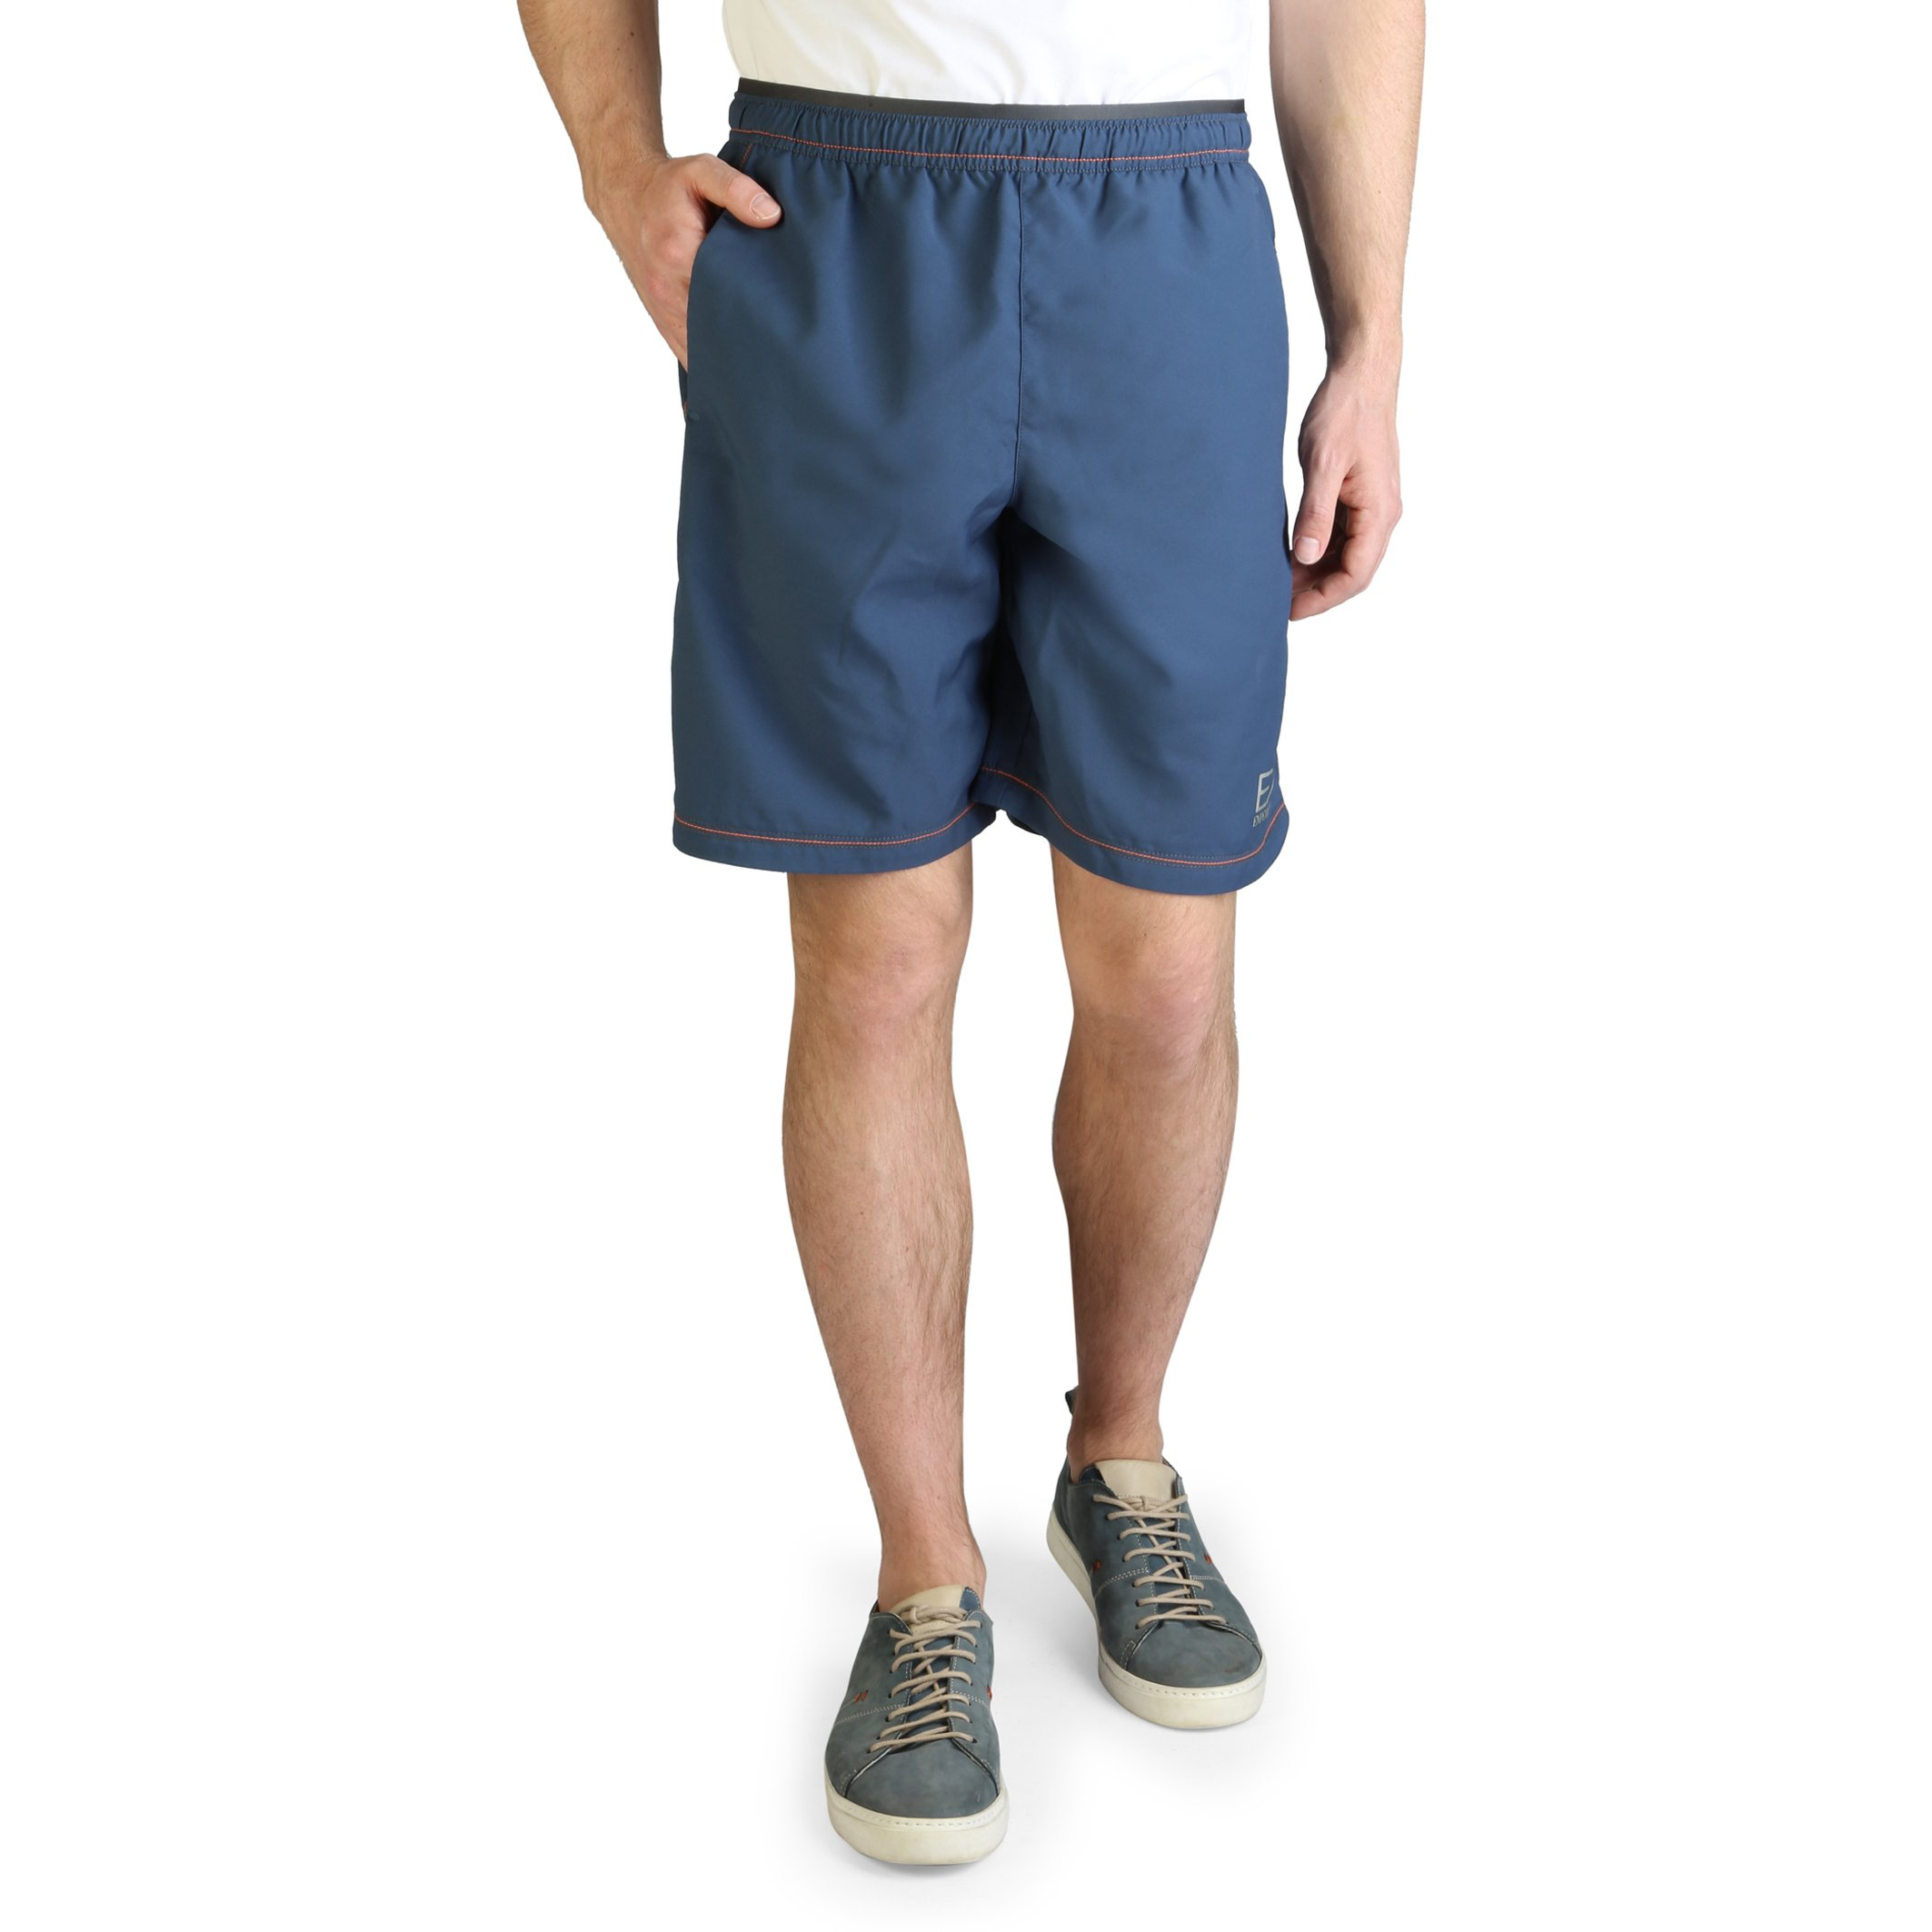 EA7 Men's Short Various Colours 272684_6P216 - blue S